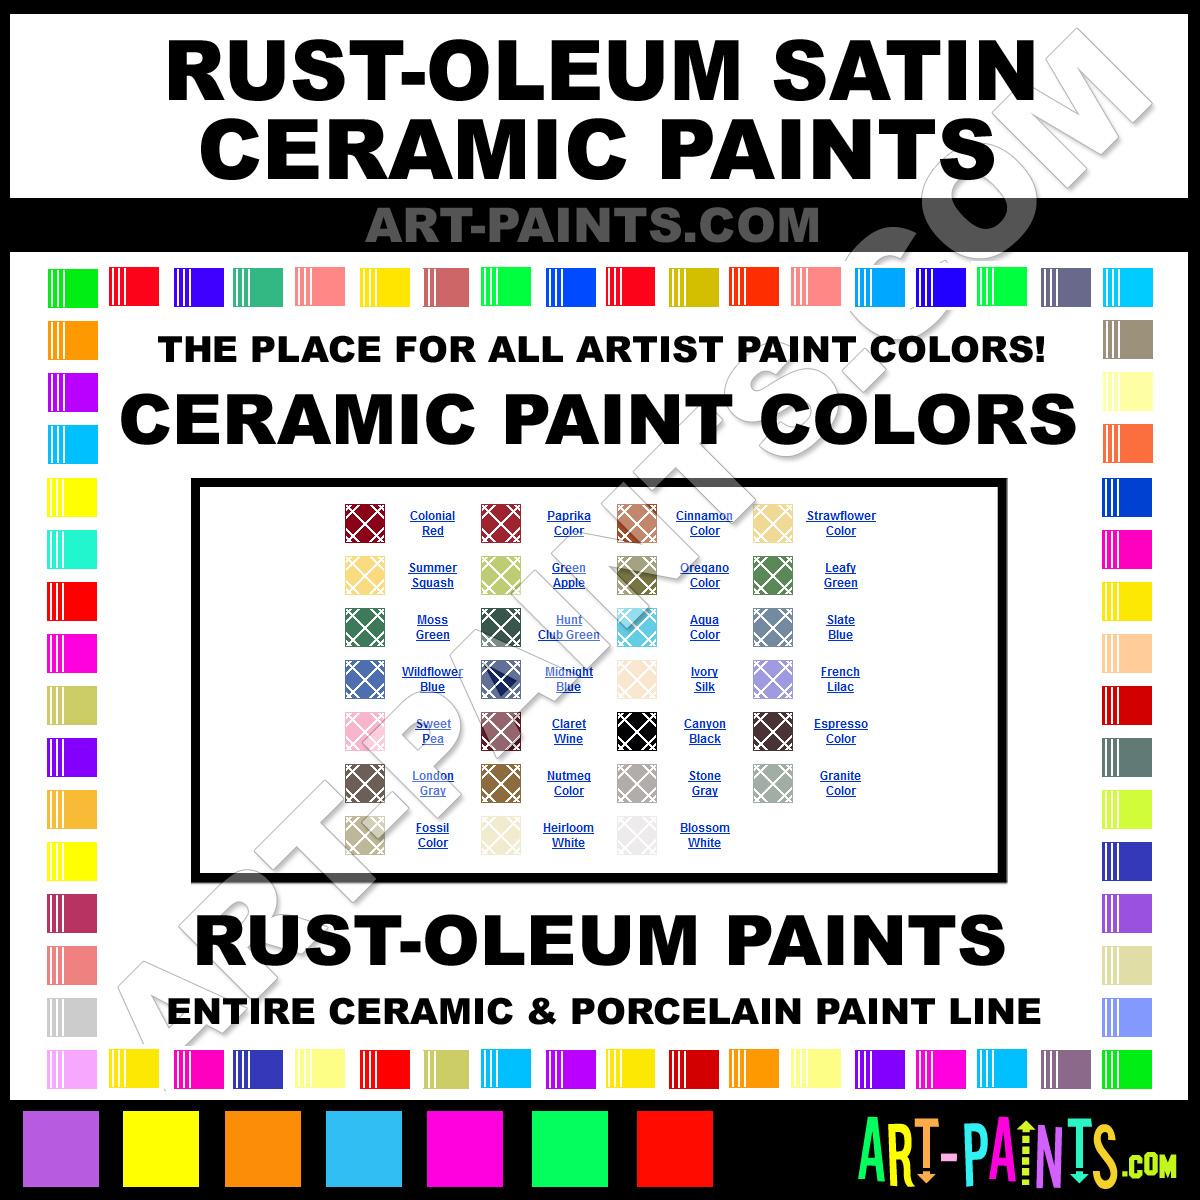 Cinnamon satin ceramic paints 249084 cinnamon paint cinnamon cinnamon paint 249084 by rust oleum satin paints nvjuhfo Choice Image